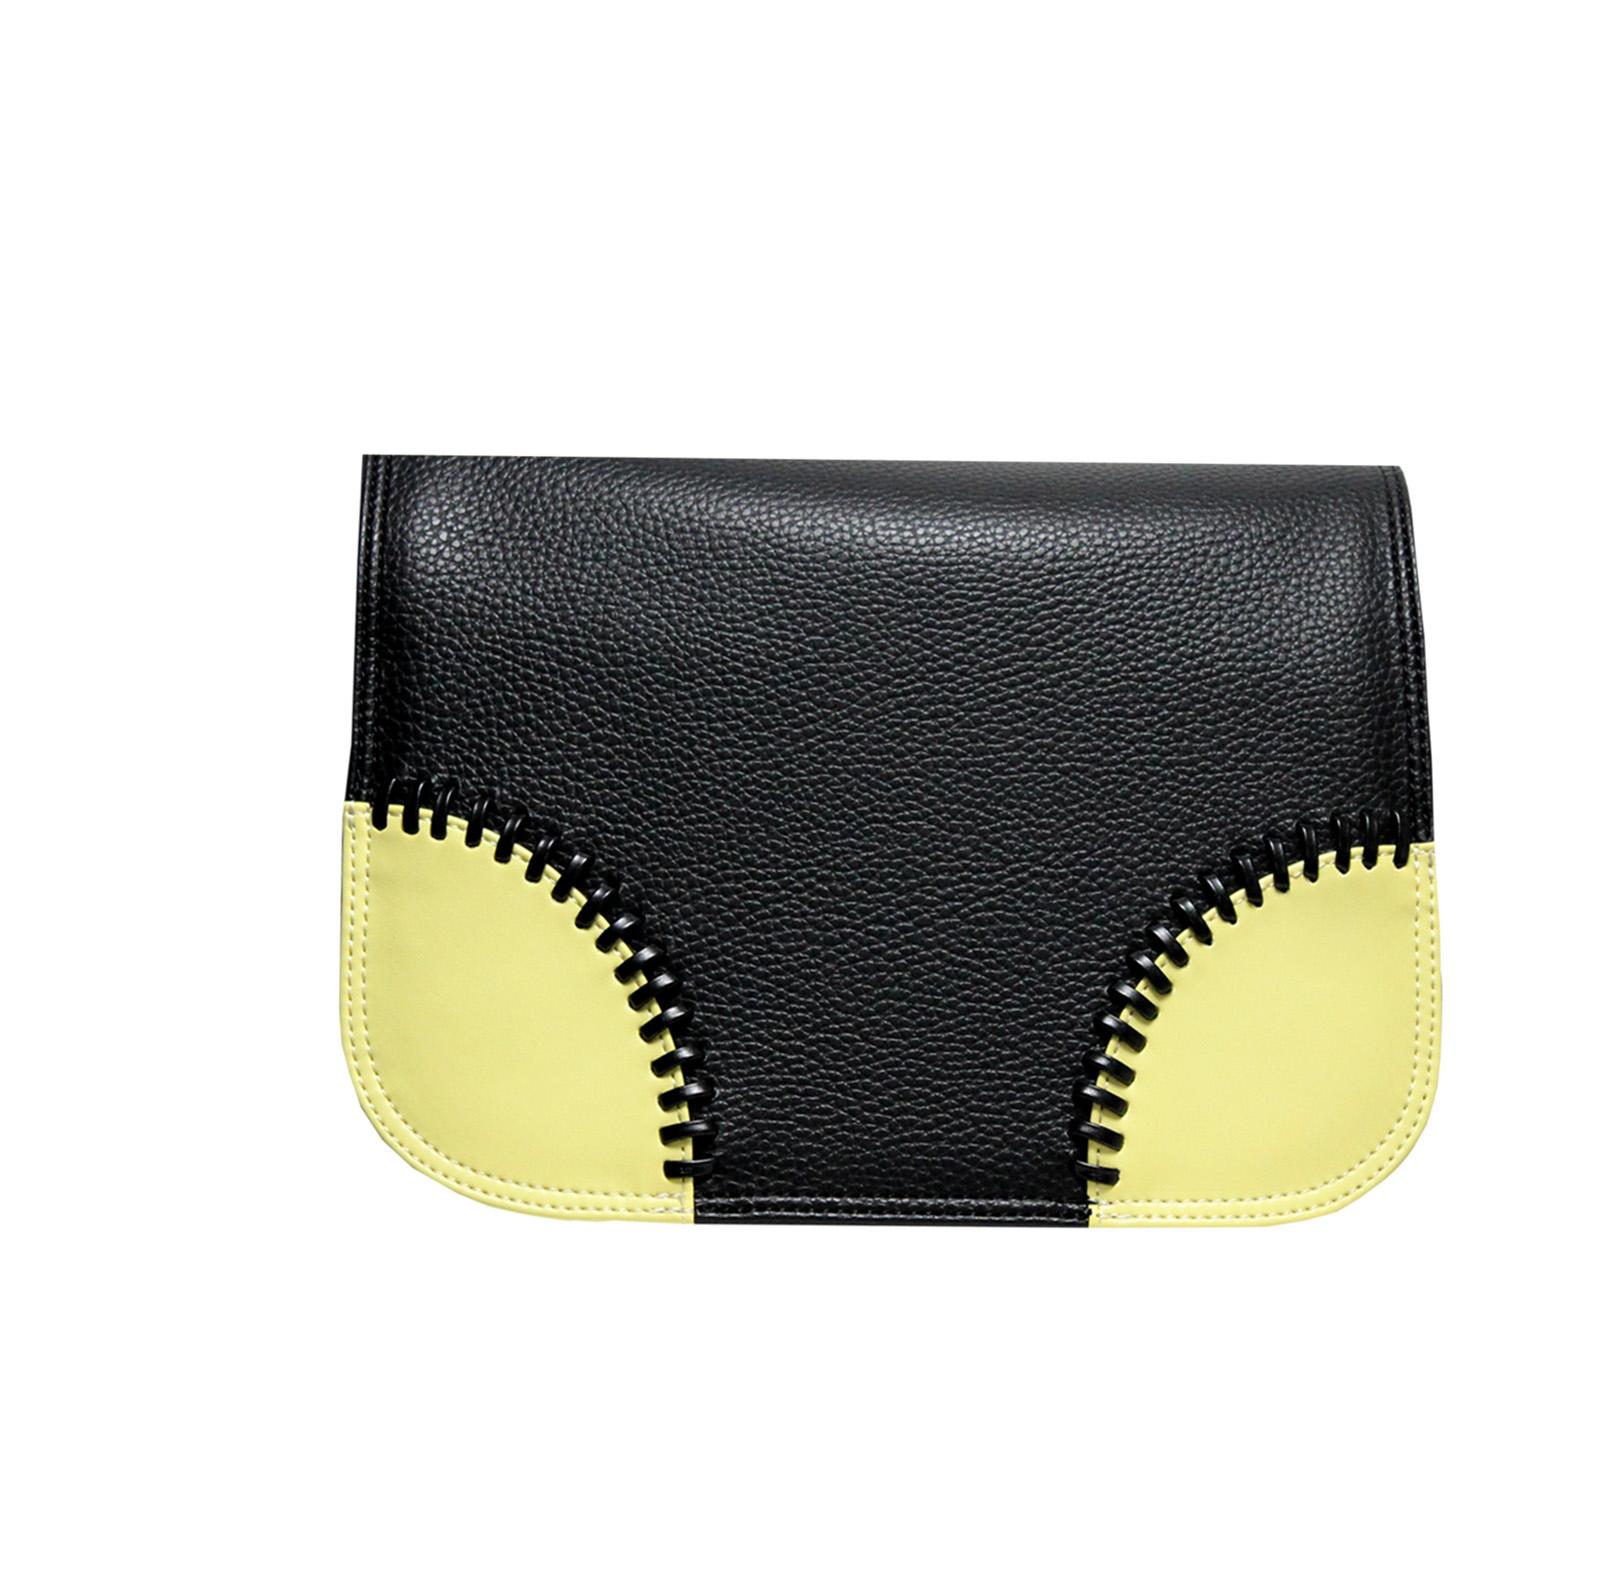 schwarzes Design mit gelben Ecken für die Handtasche von Delieta soft